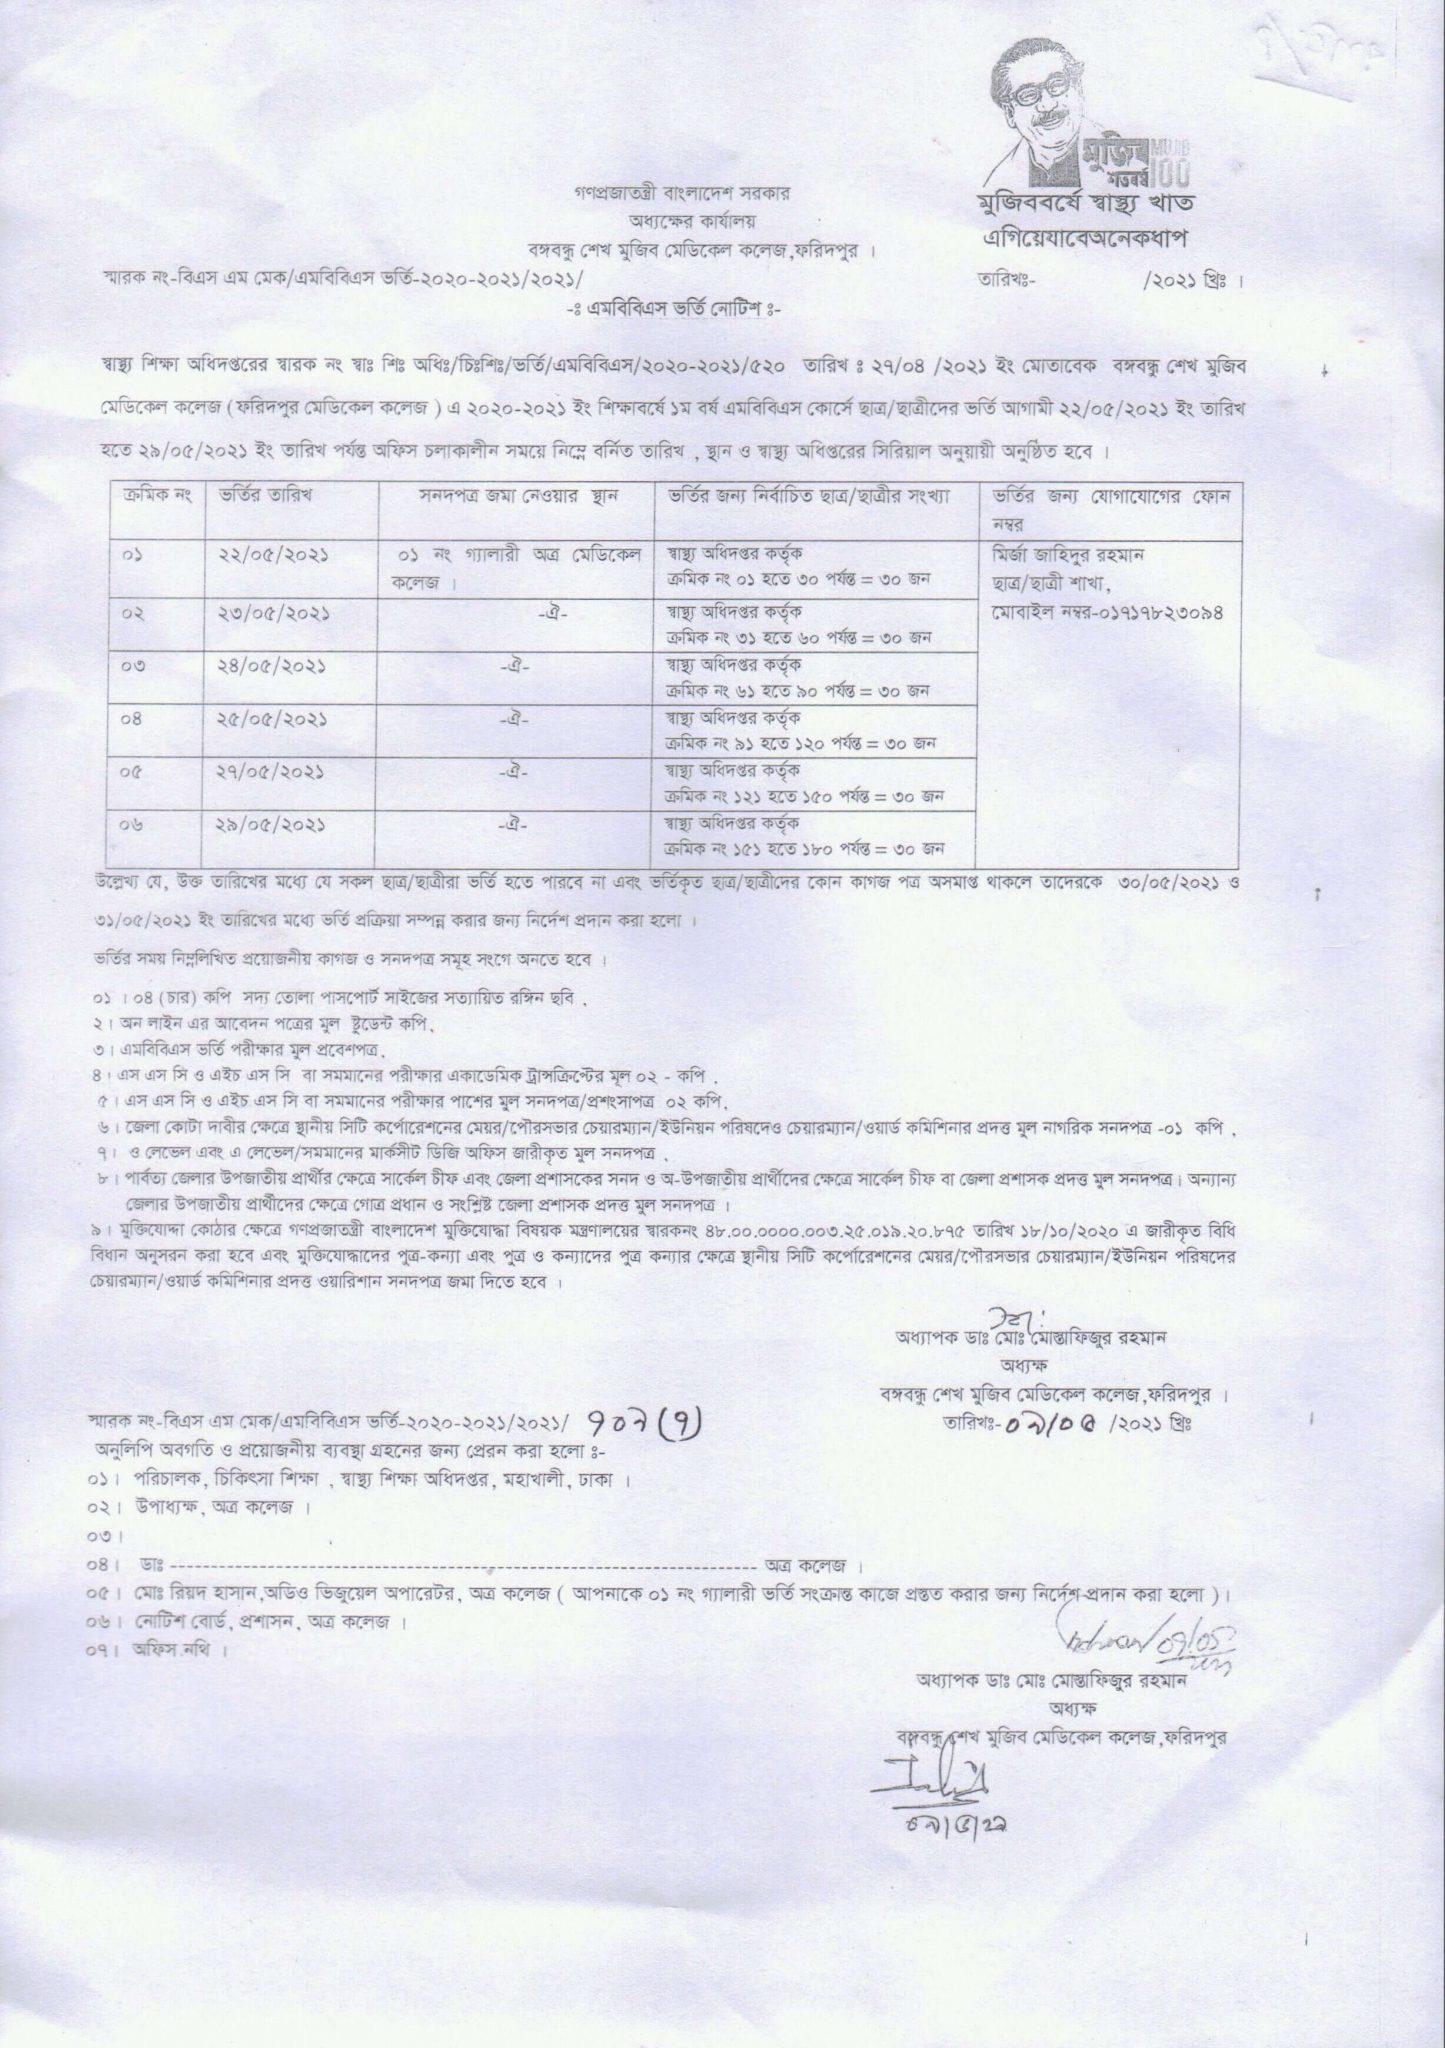 Admission notice 2020-2021